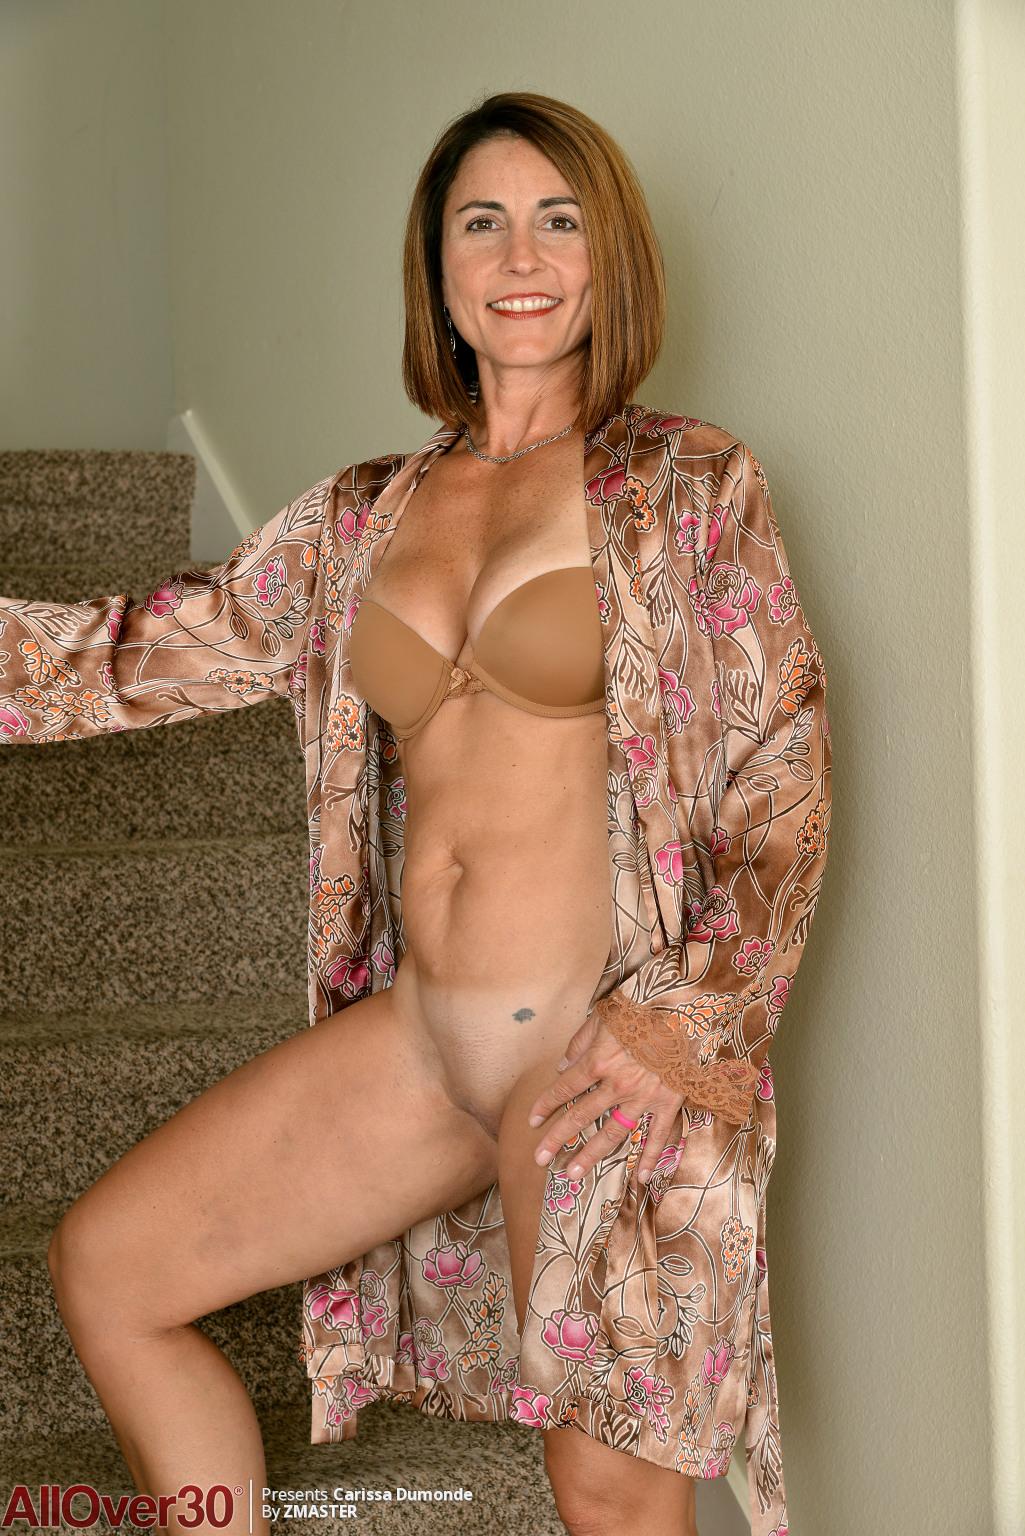 Carissa Dumonde from AllOver30